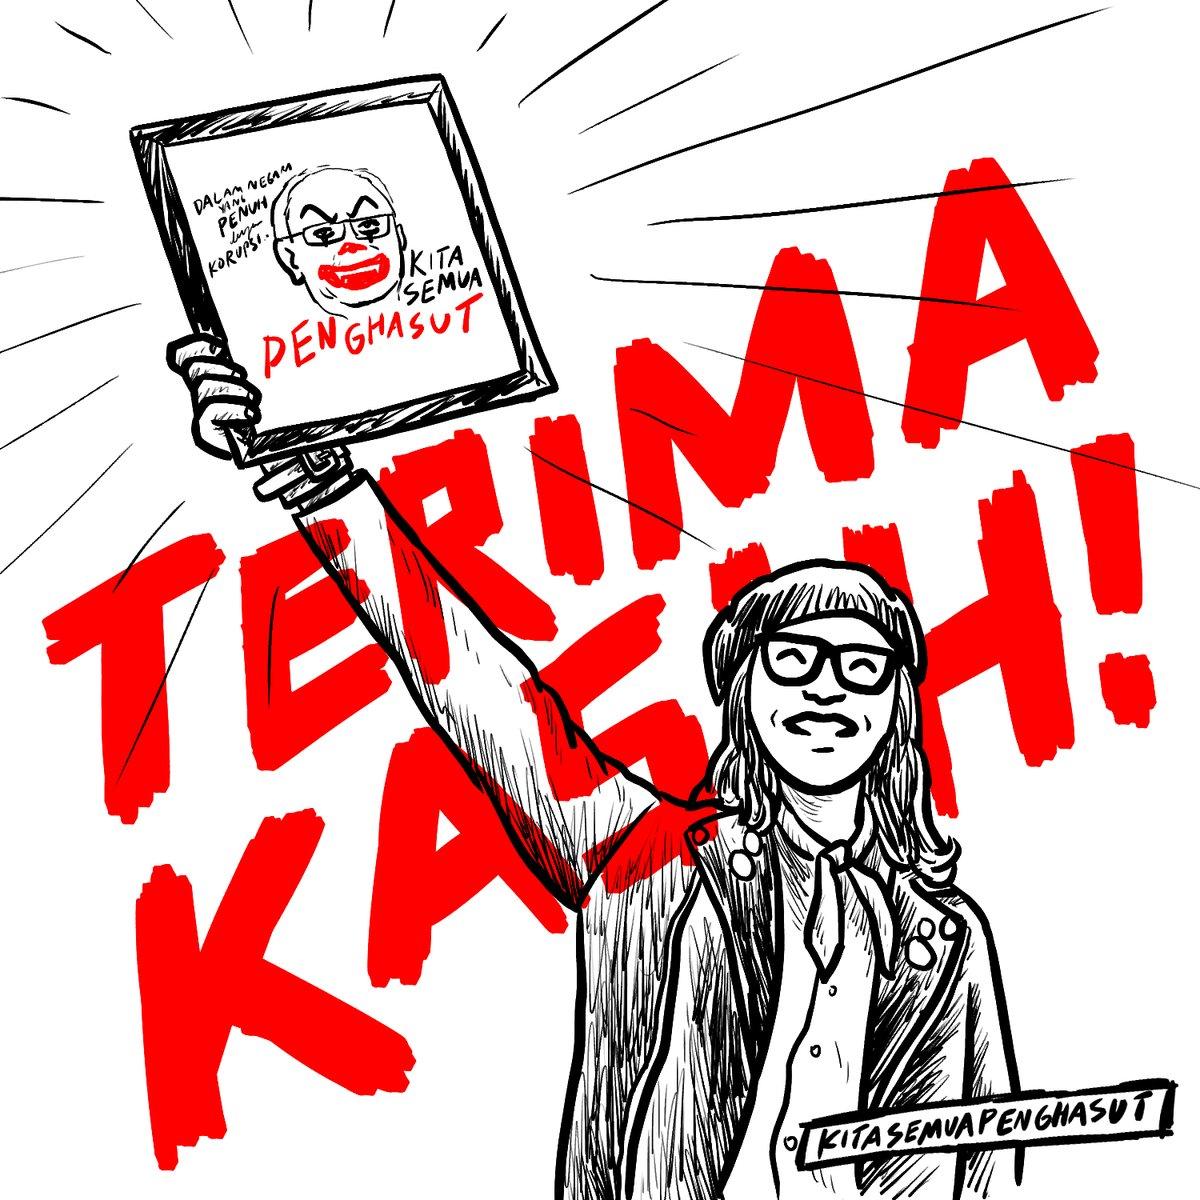 Image from Twitter/Fahmi Reza @kuasasiswa